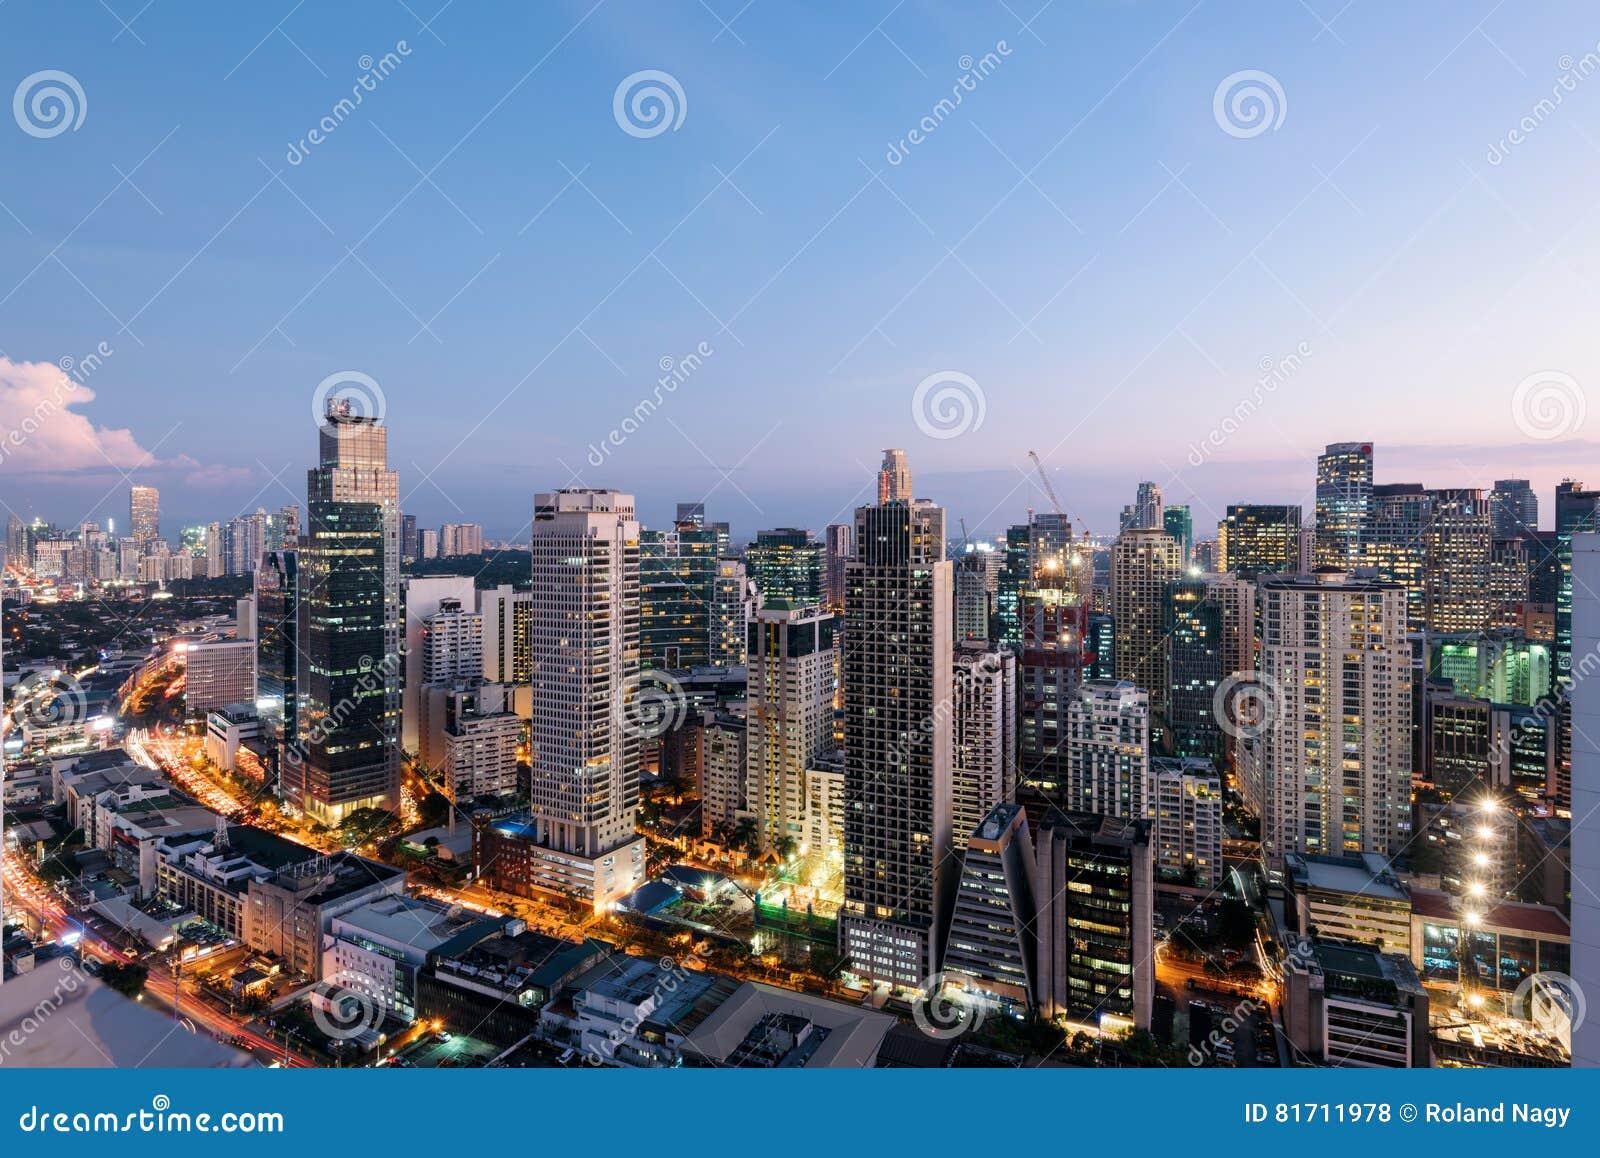 Skyline da cidade de Makati, Manila - Filipinas